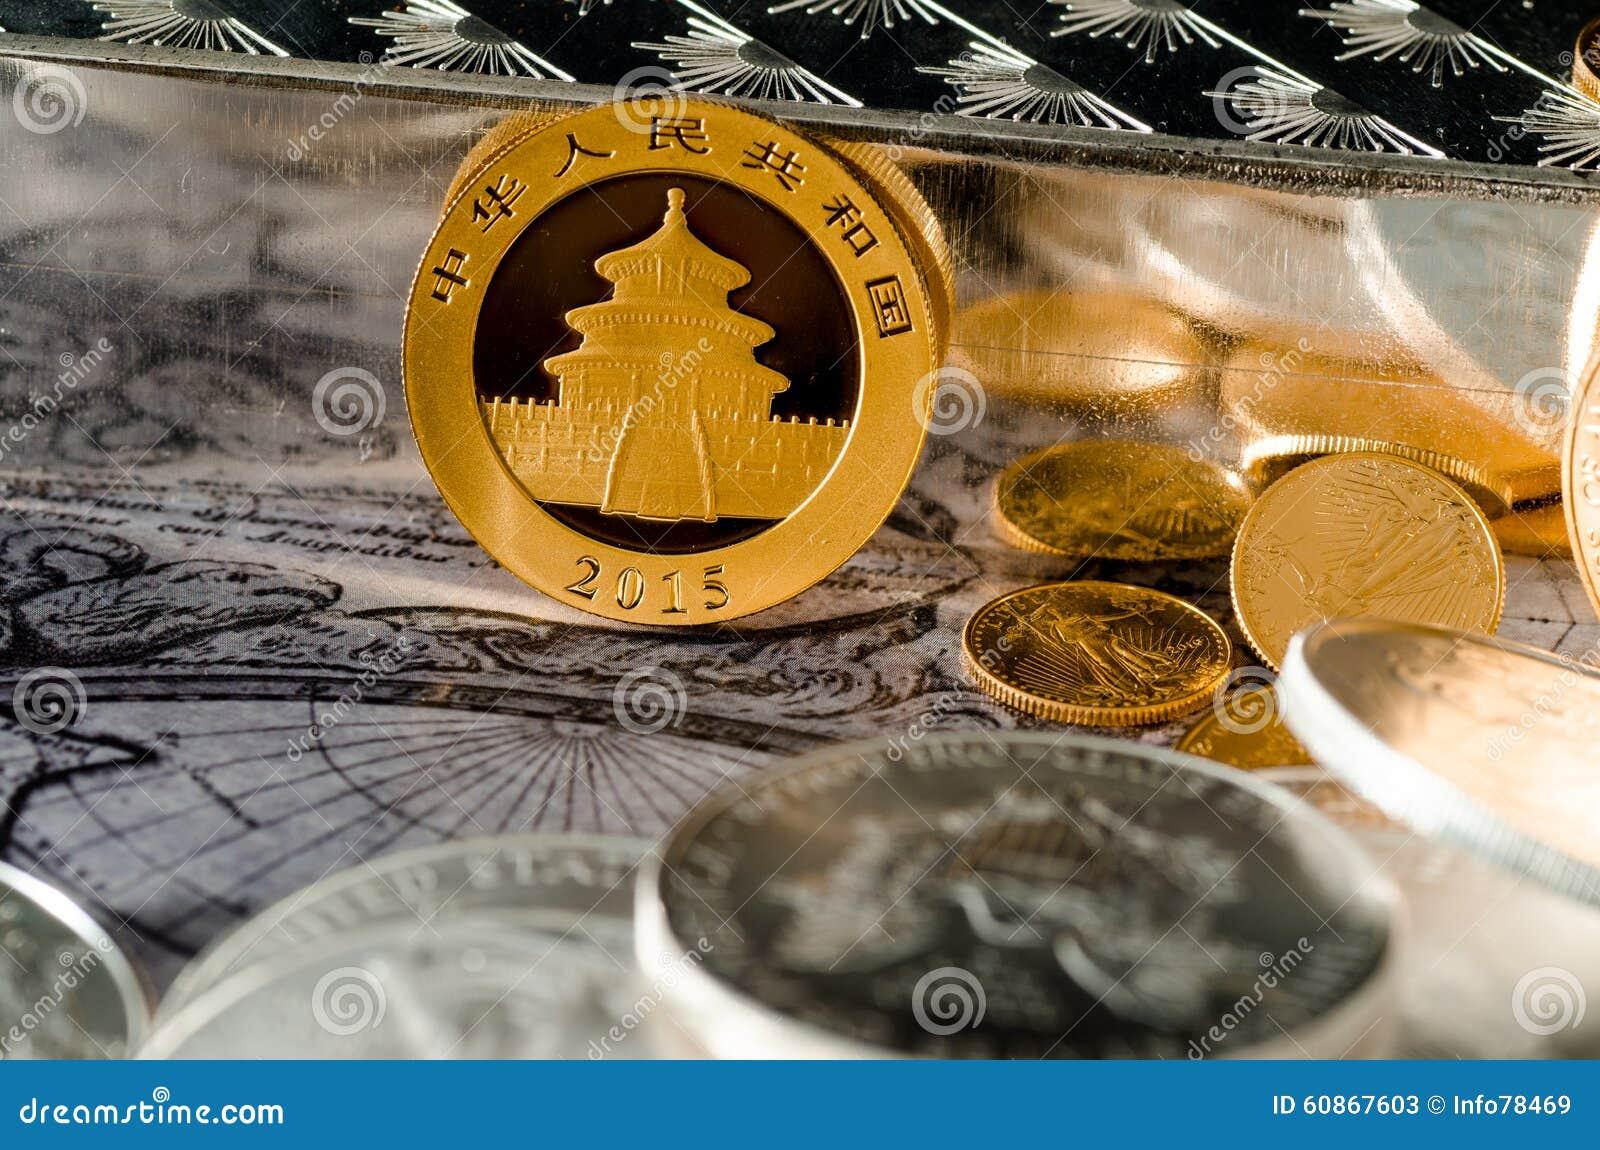 Chinesisches Gold Panda Coin Mit Silberbarren U Münzen Stockbild